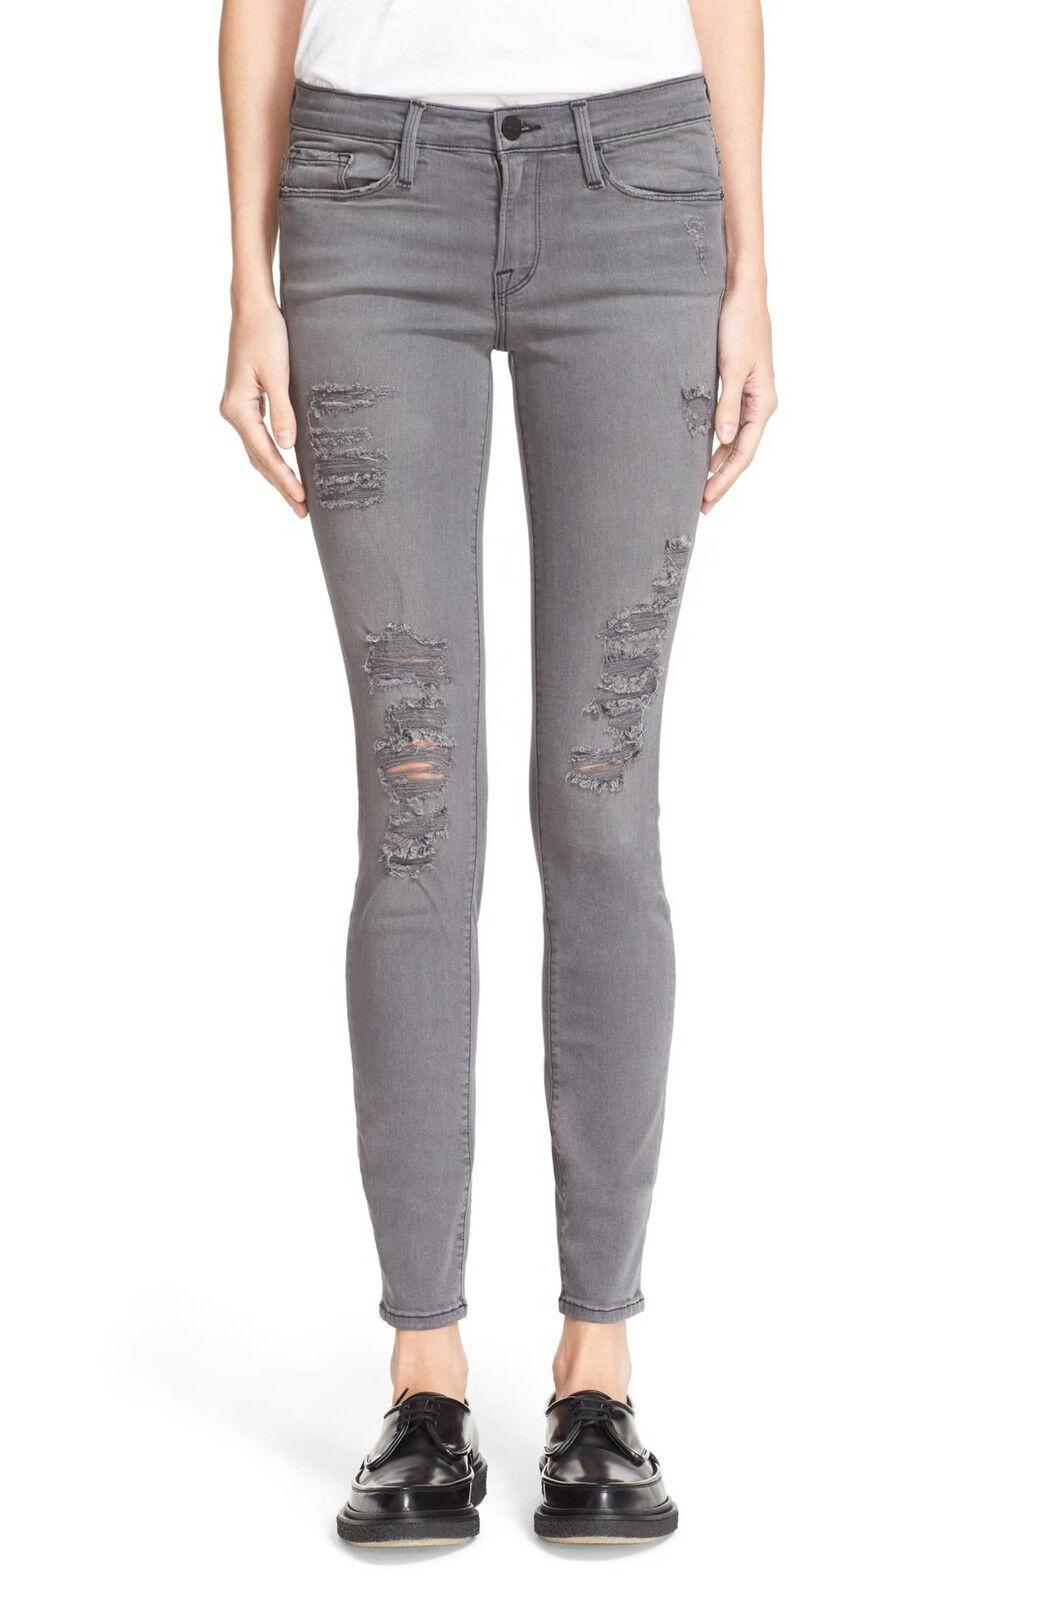 199 NEW FRAME Denim Le Skinny De Jeanne Satine Rips in Grey Shred - Size 30